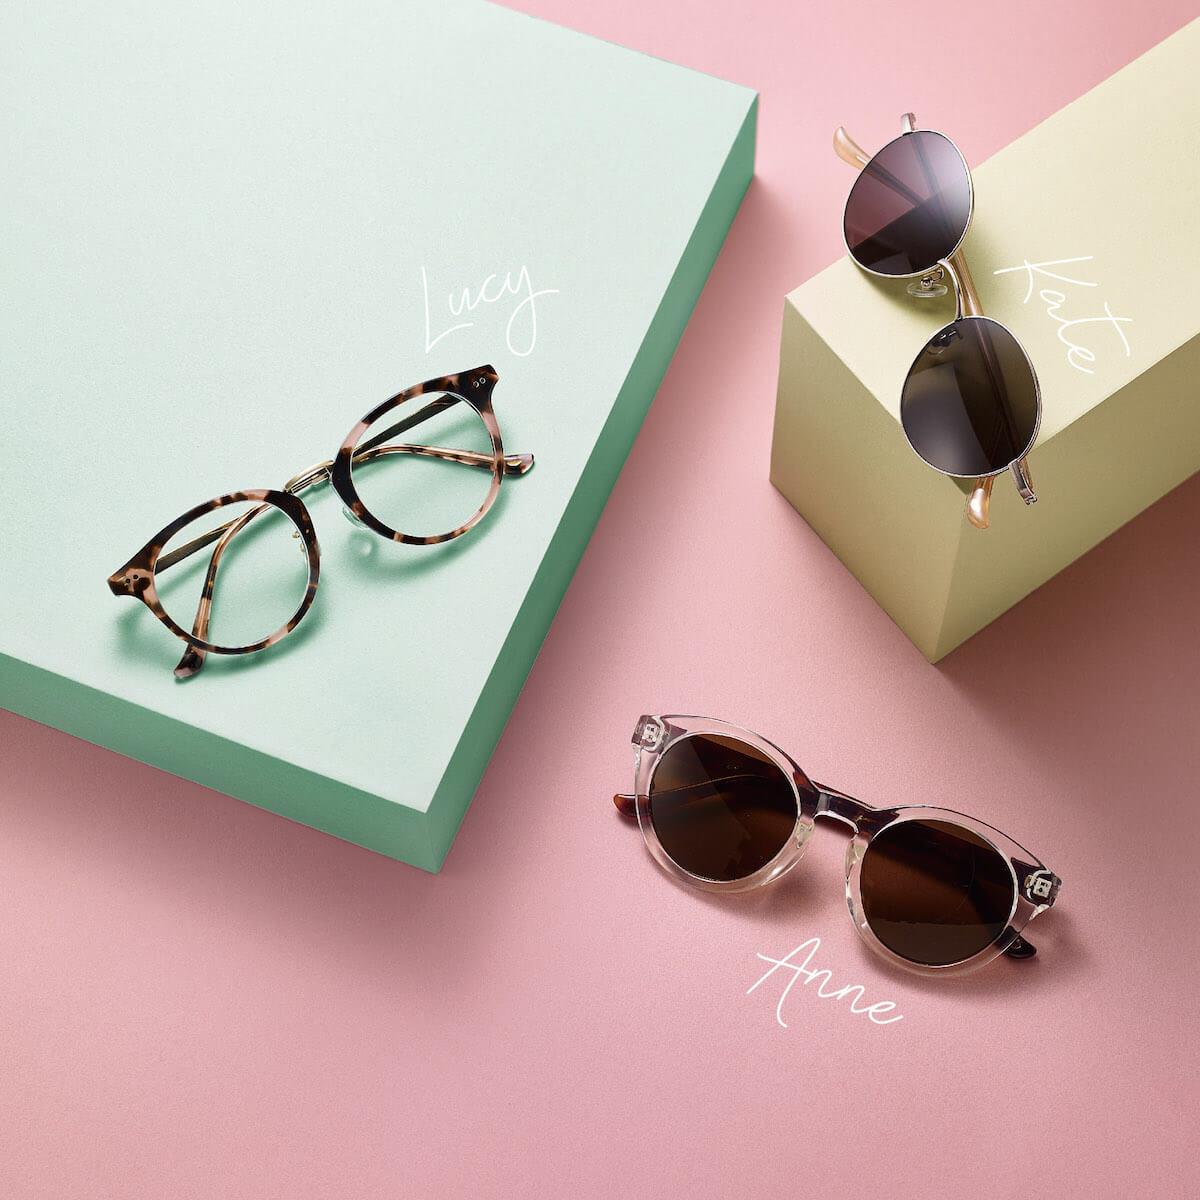 緊貼日本眼鏡潮流!時尚品牌zoff登陸香港 - ZoffXNina Tanaka a - 緊貼日本眼鏡潮流!時尚品牌Zoff登陸香港